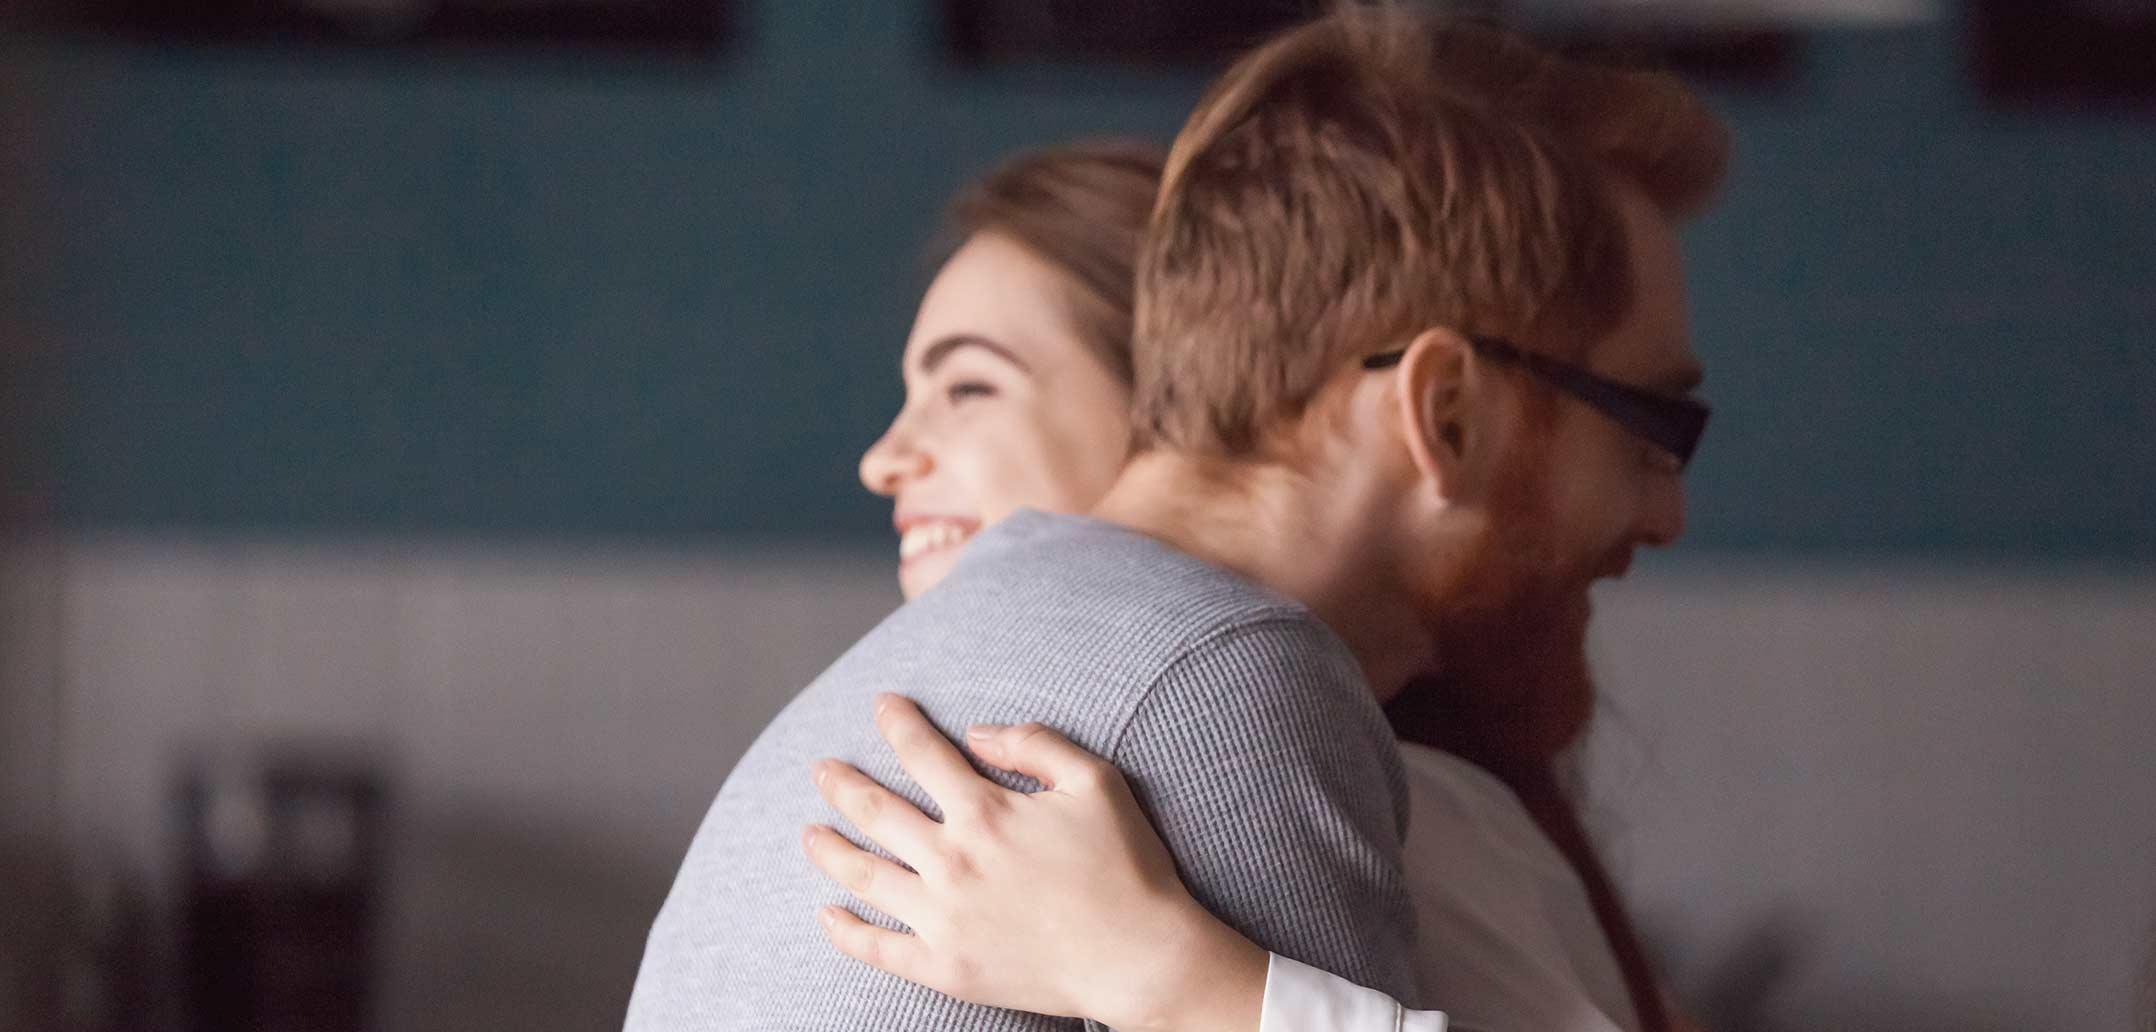 Ein Lob in der Beziehung tut beiden Partnern gut